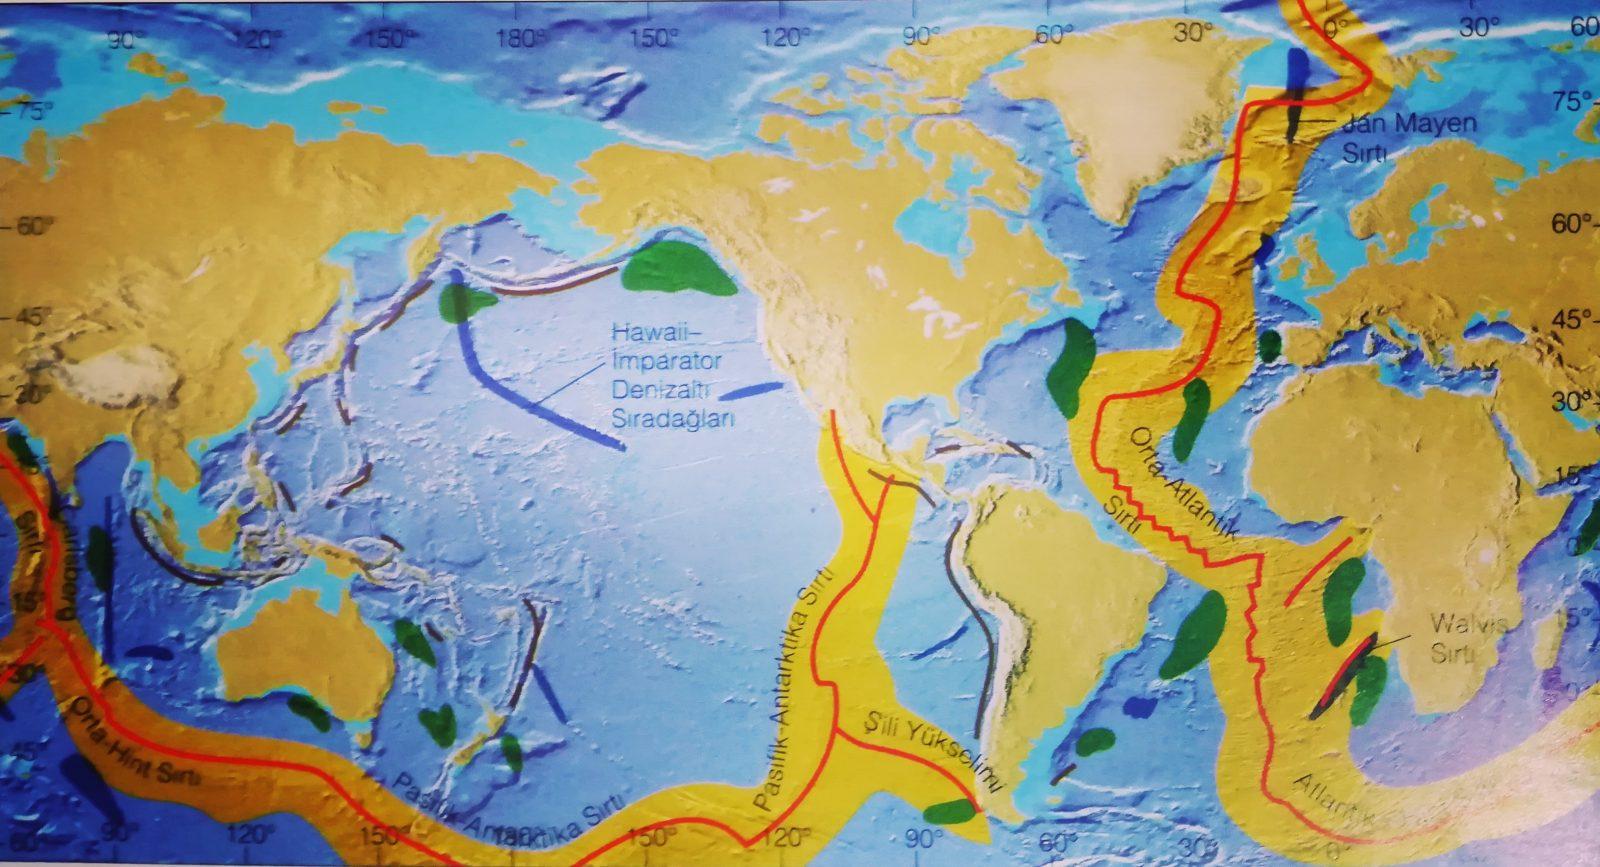 Denizaltı Dağları, Guyolar ve Depremsiz Sırtları